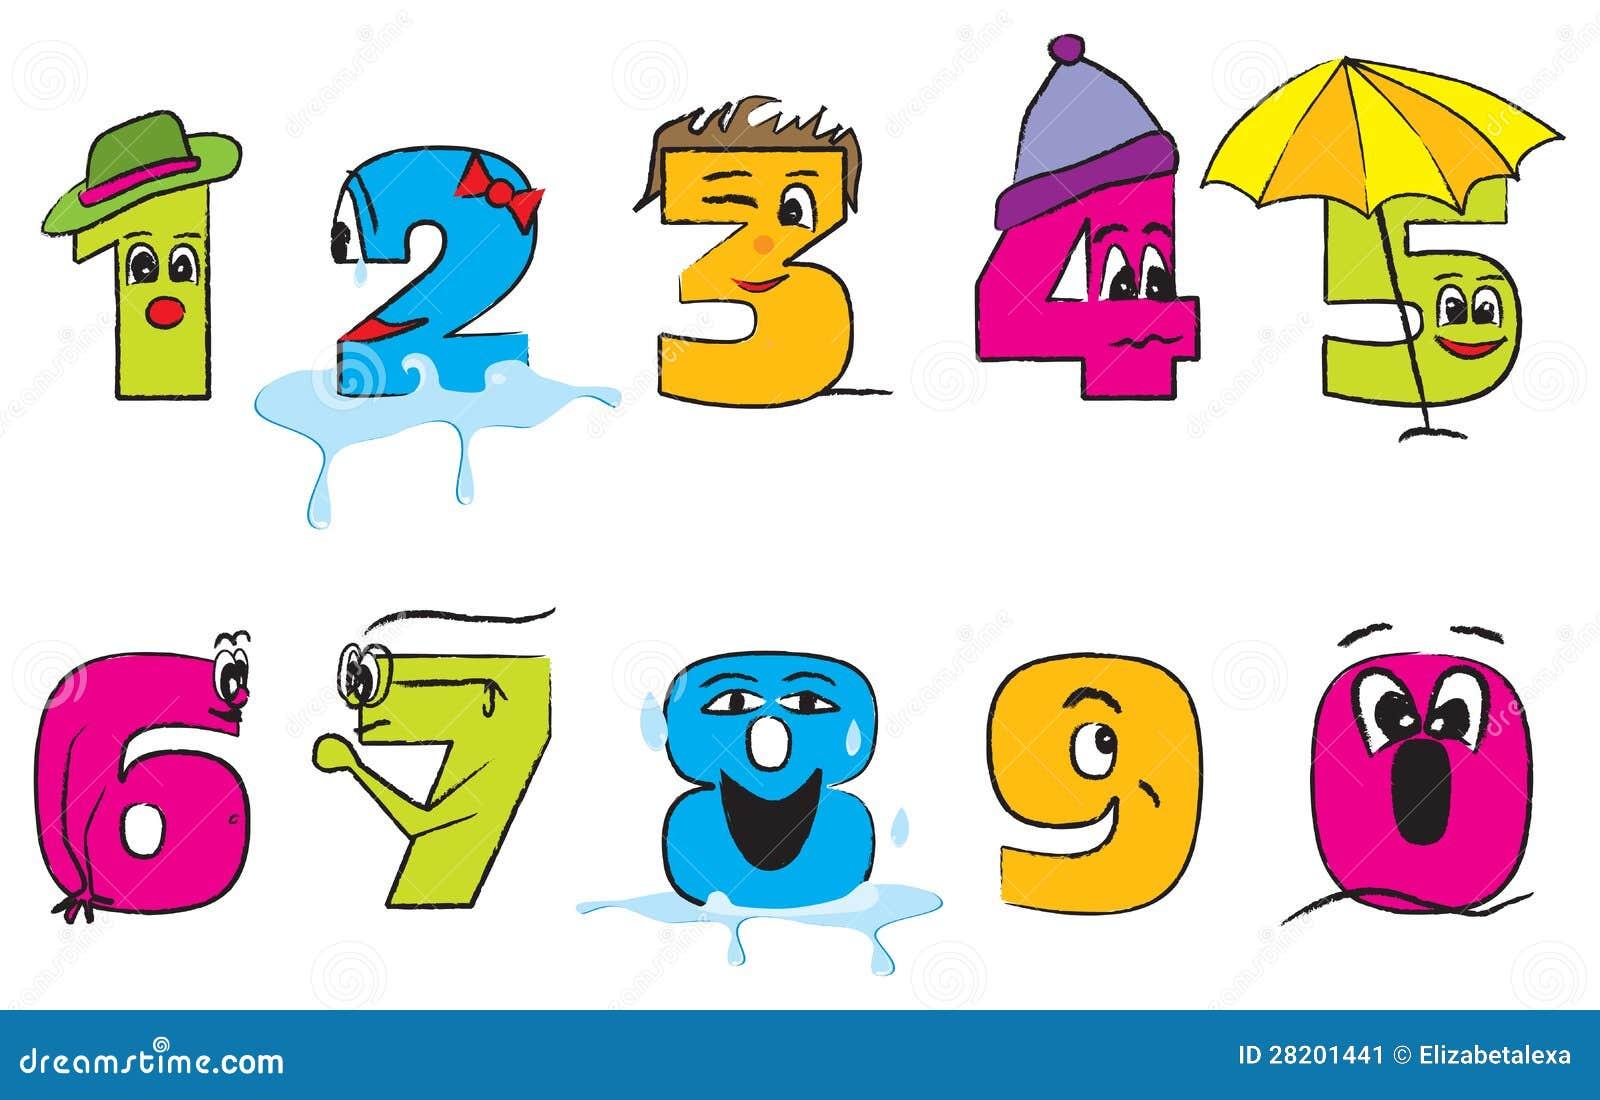 giochi di color are disegni numeri